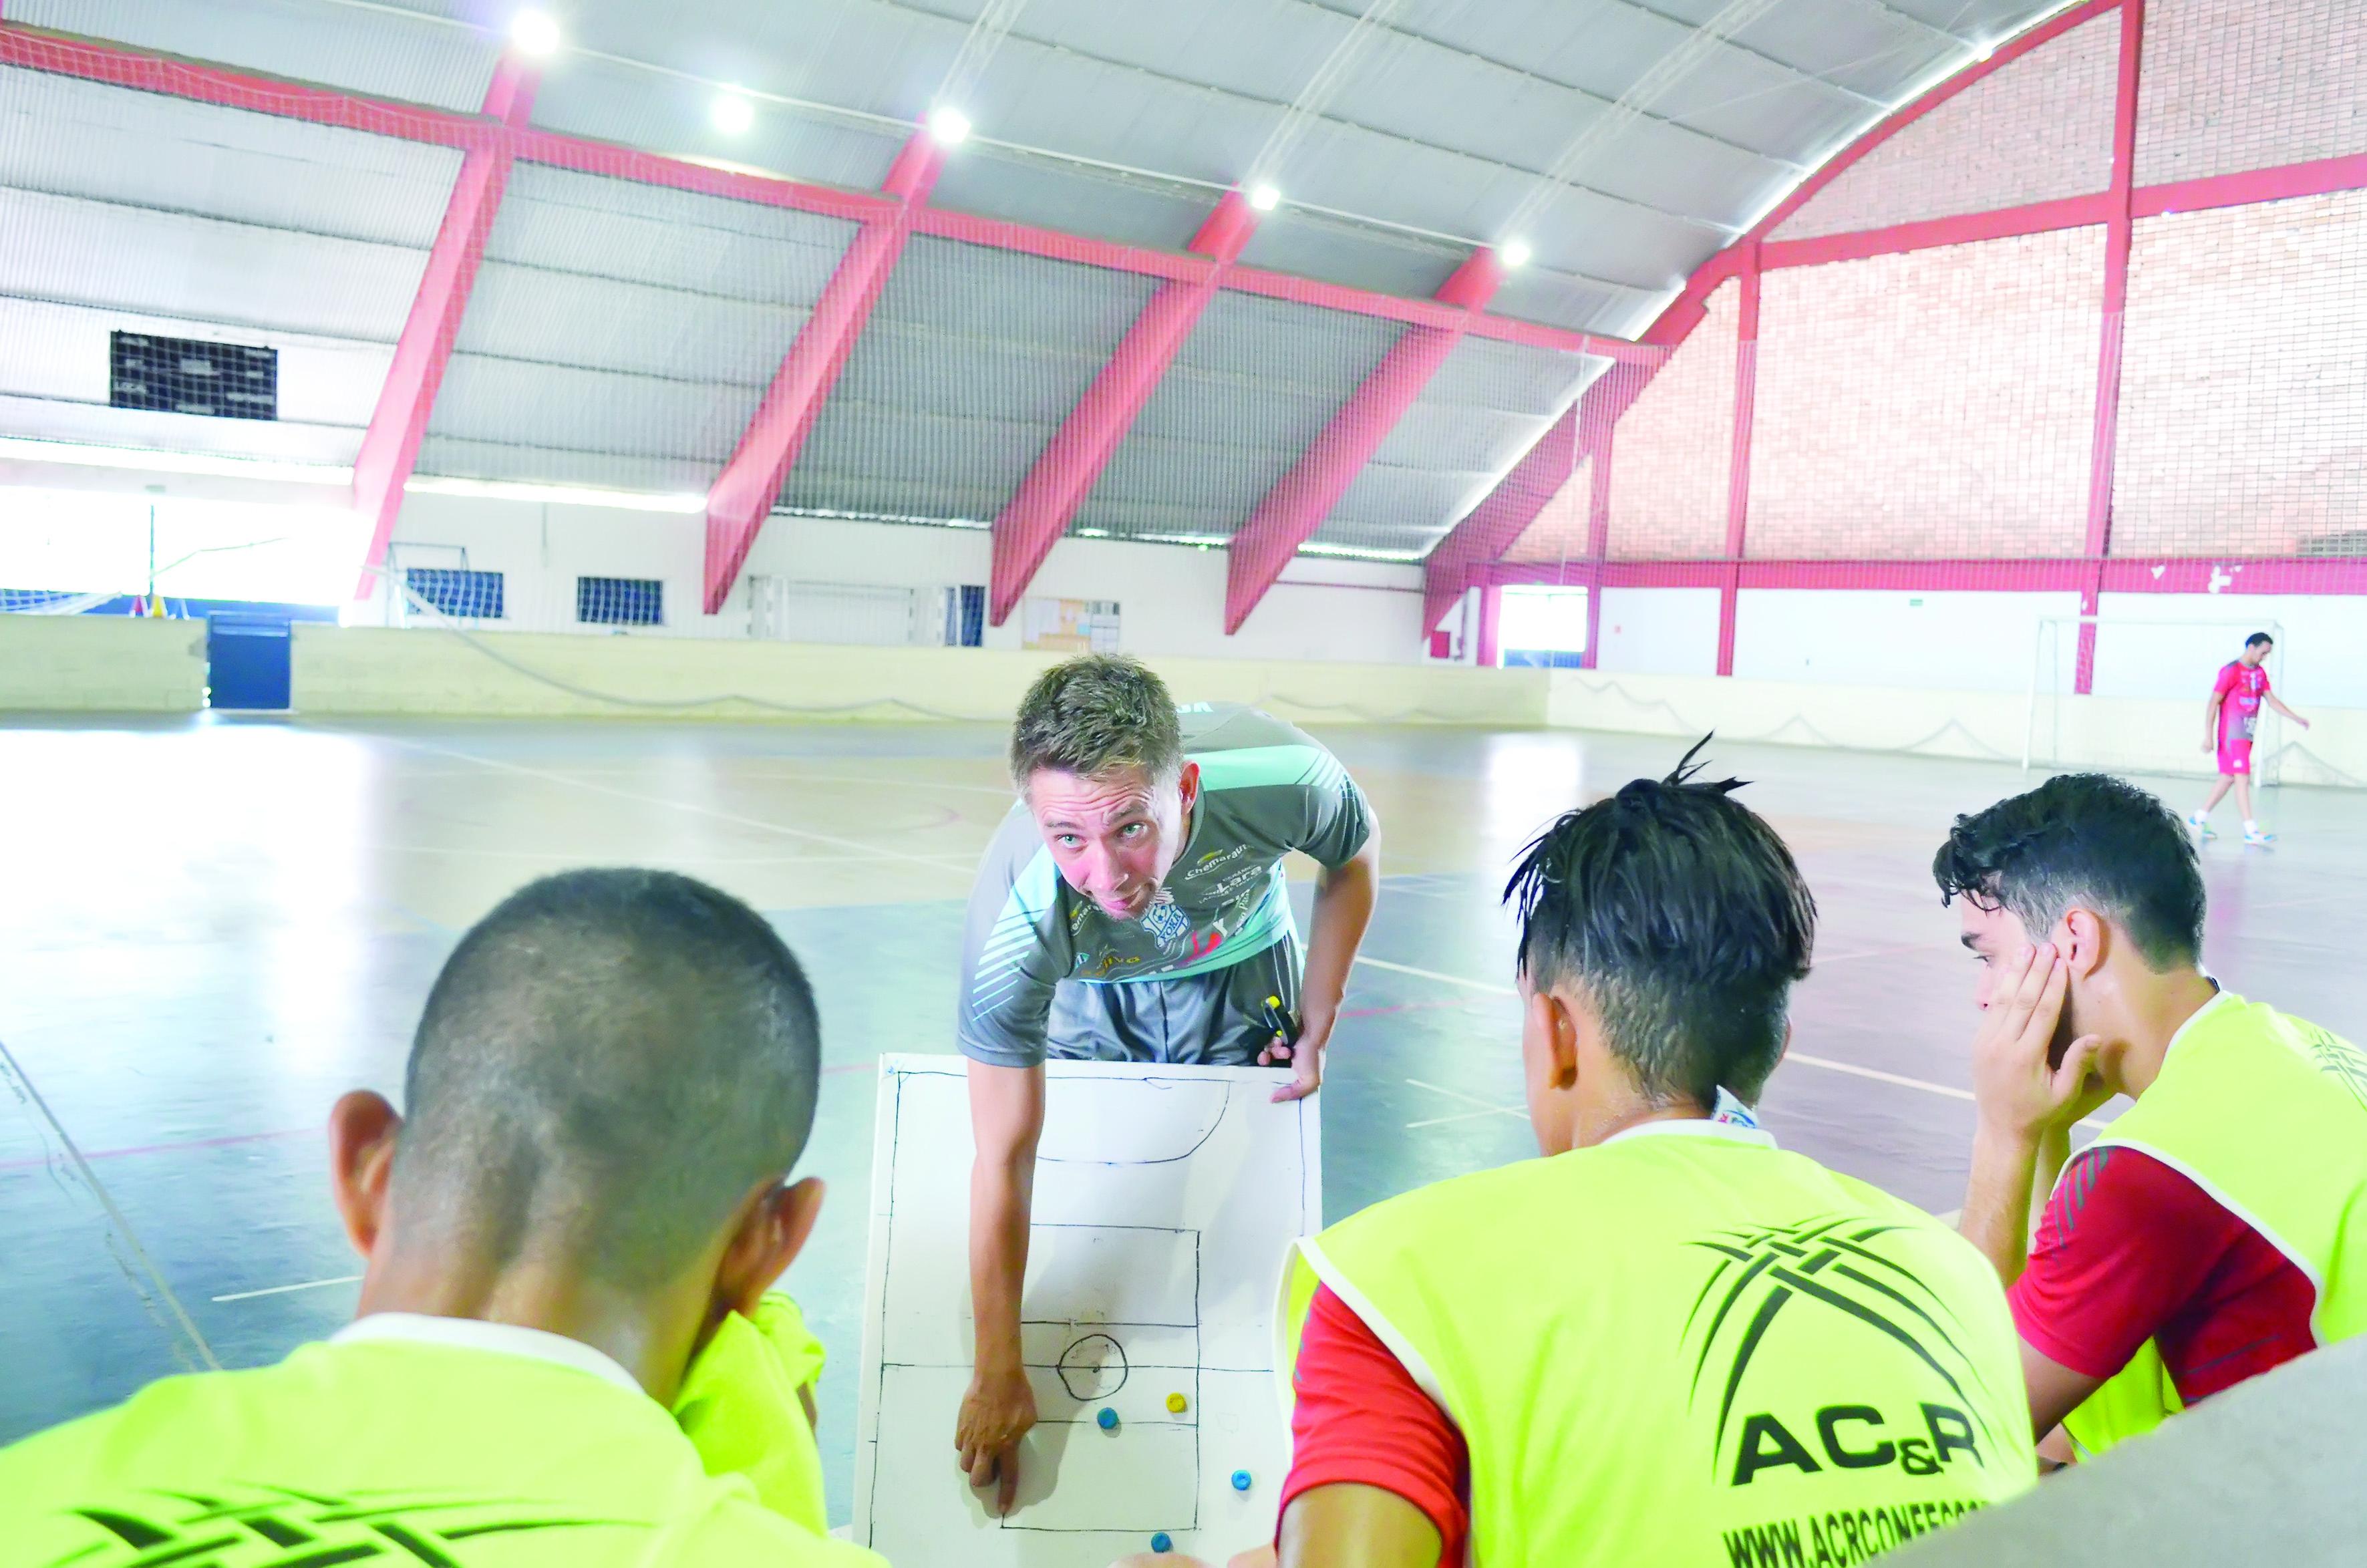 O técnico Wesley Szabo faz ajustes com jogadores do Yoka durante treinamento no ginásio do Itaguará (Foto: Leandro Oliveira)